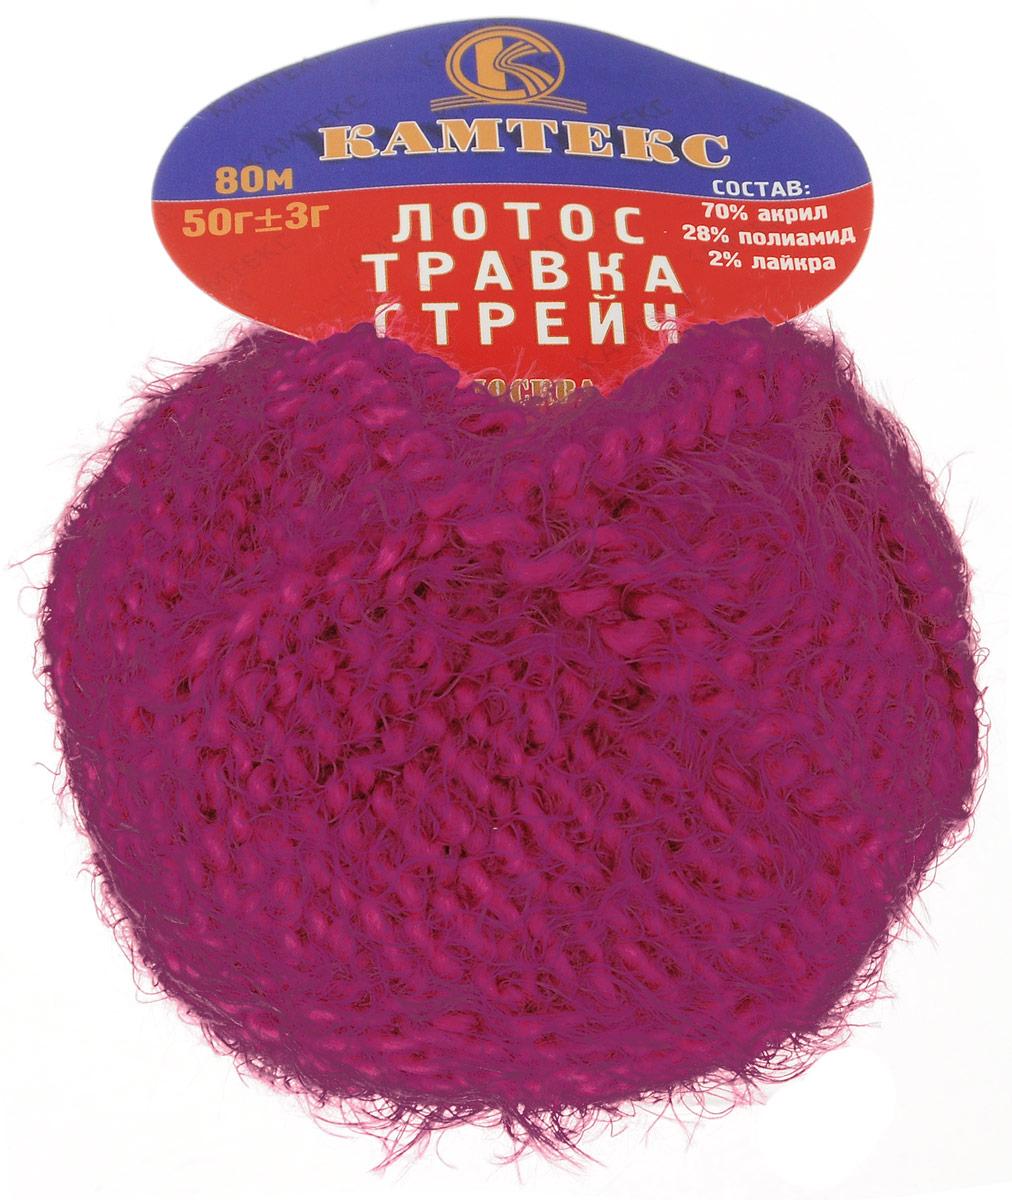 Пряжа для вязания Камтекс Лотос травка стрейч, цвет: фуксия (053), 80 м, 50 г, 10 шт136081_053Пряжа для вязания Камтекс Лотос травка стрейч имеет интересный и необычный состав: 70% акрил, 28% полиамид, 2% лайкра. Акрил отвечает за мягкость, полиамид за прочность и формоустойчивость, а лайкра делает полотно необыкновенно эластичным. Эта волшебная плюшевая ниточка удивляет своей мягкостью, вяжется очень просто и быстро, ворсинки не путаются. Из этой пряжи получатся замечательные мягкие игрушки, которые будут не только приятны, но и абсолютно безопасны для маленьких детей. А яркие и сочные оттенки подарят ребенку радость и хорошее настроение. Рекомендуемый размер крючка и спиц: №3-6. Состав: 70% акрил, 28% полиамид, 2% лайкра.